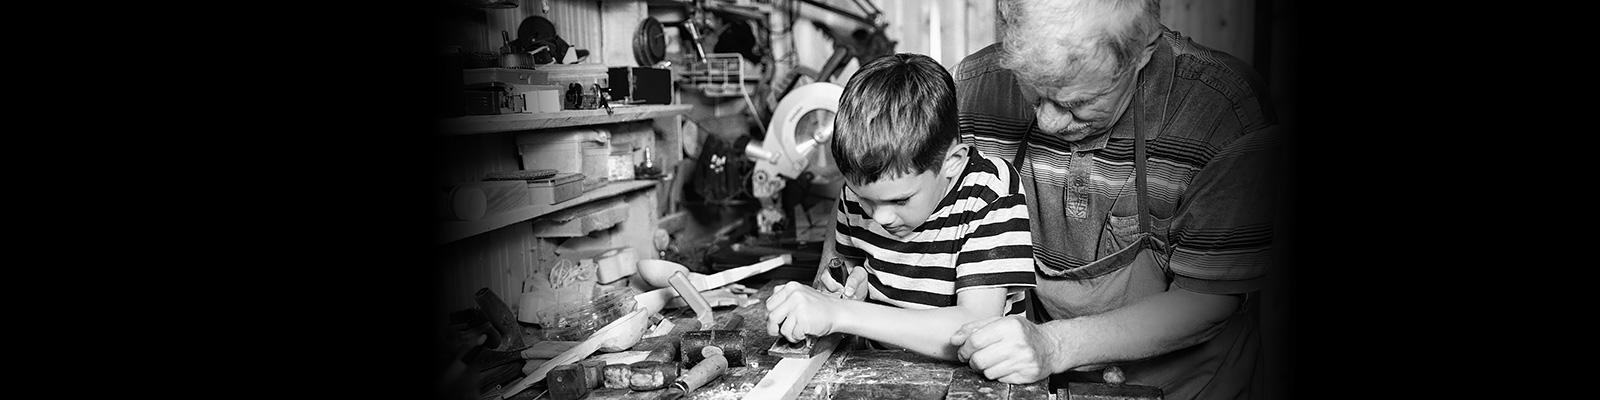 大工 子供 教育 イメージ